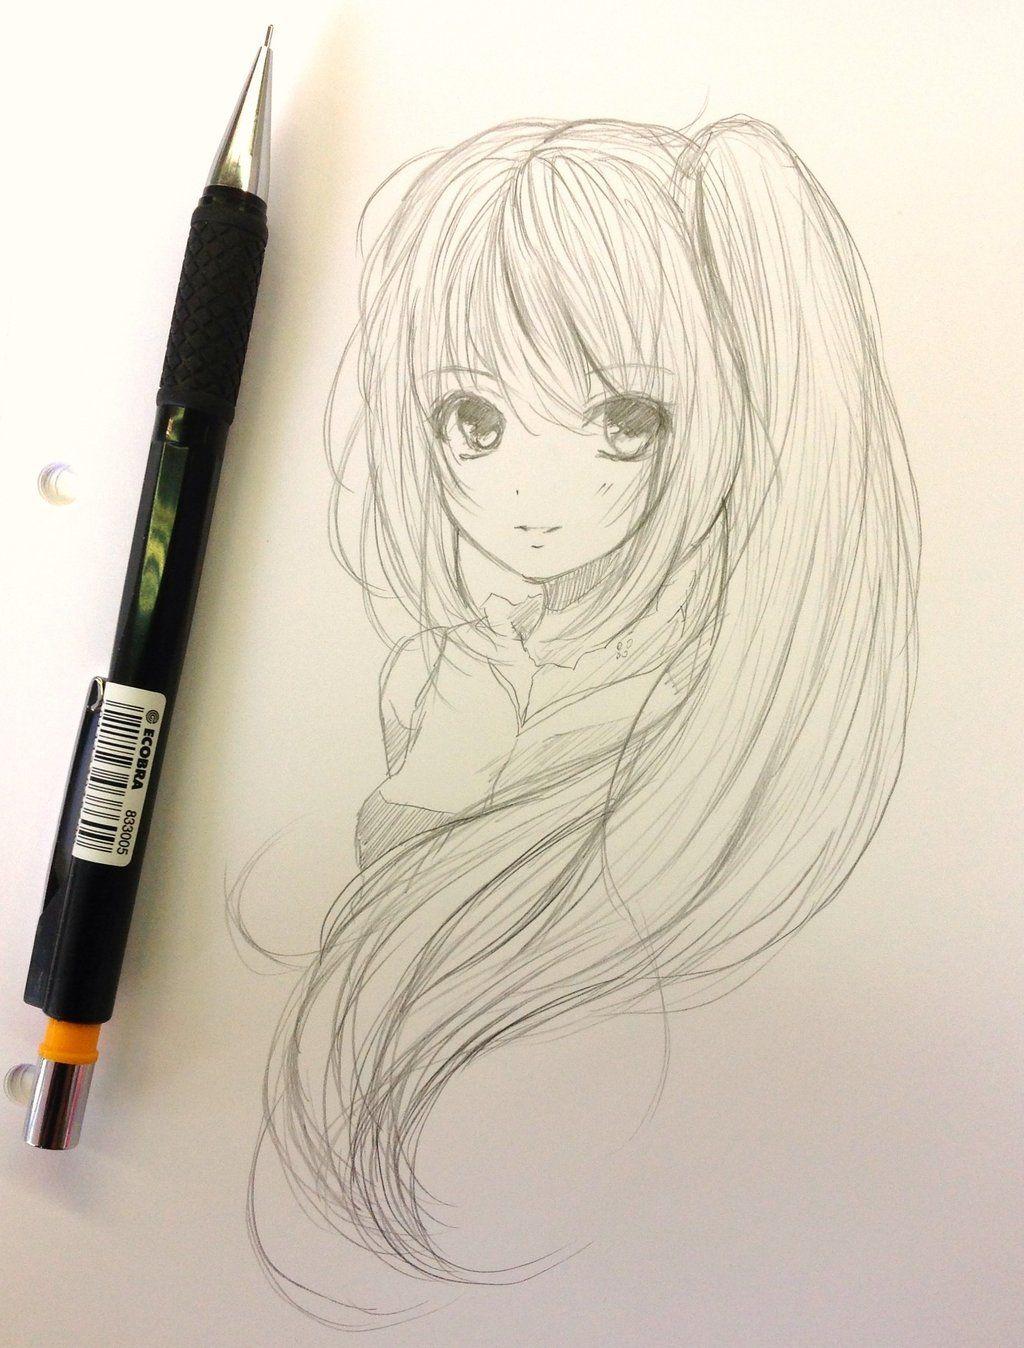 Sketch By Pastelcake Deviantart Com On Deviantart Anime Art Anime Drawings Anime Sketch